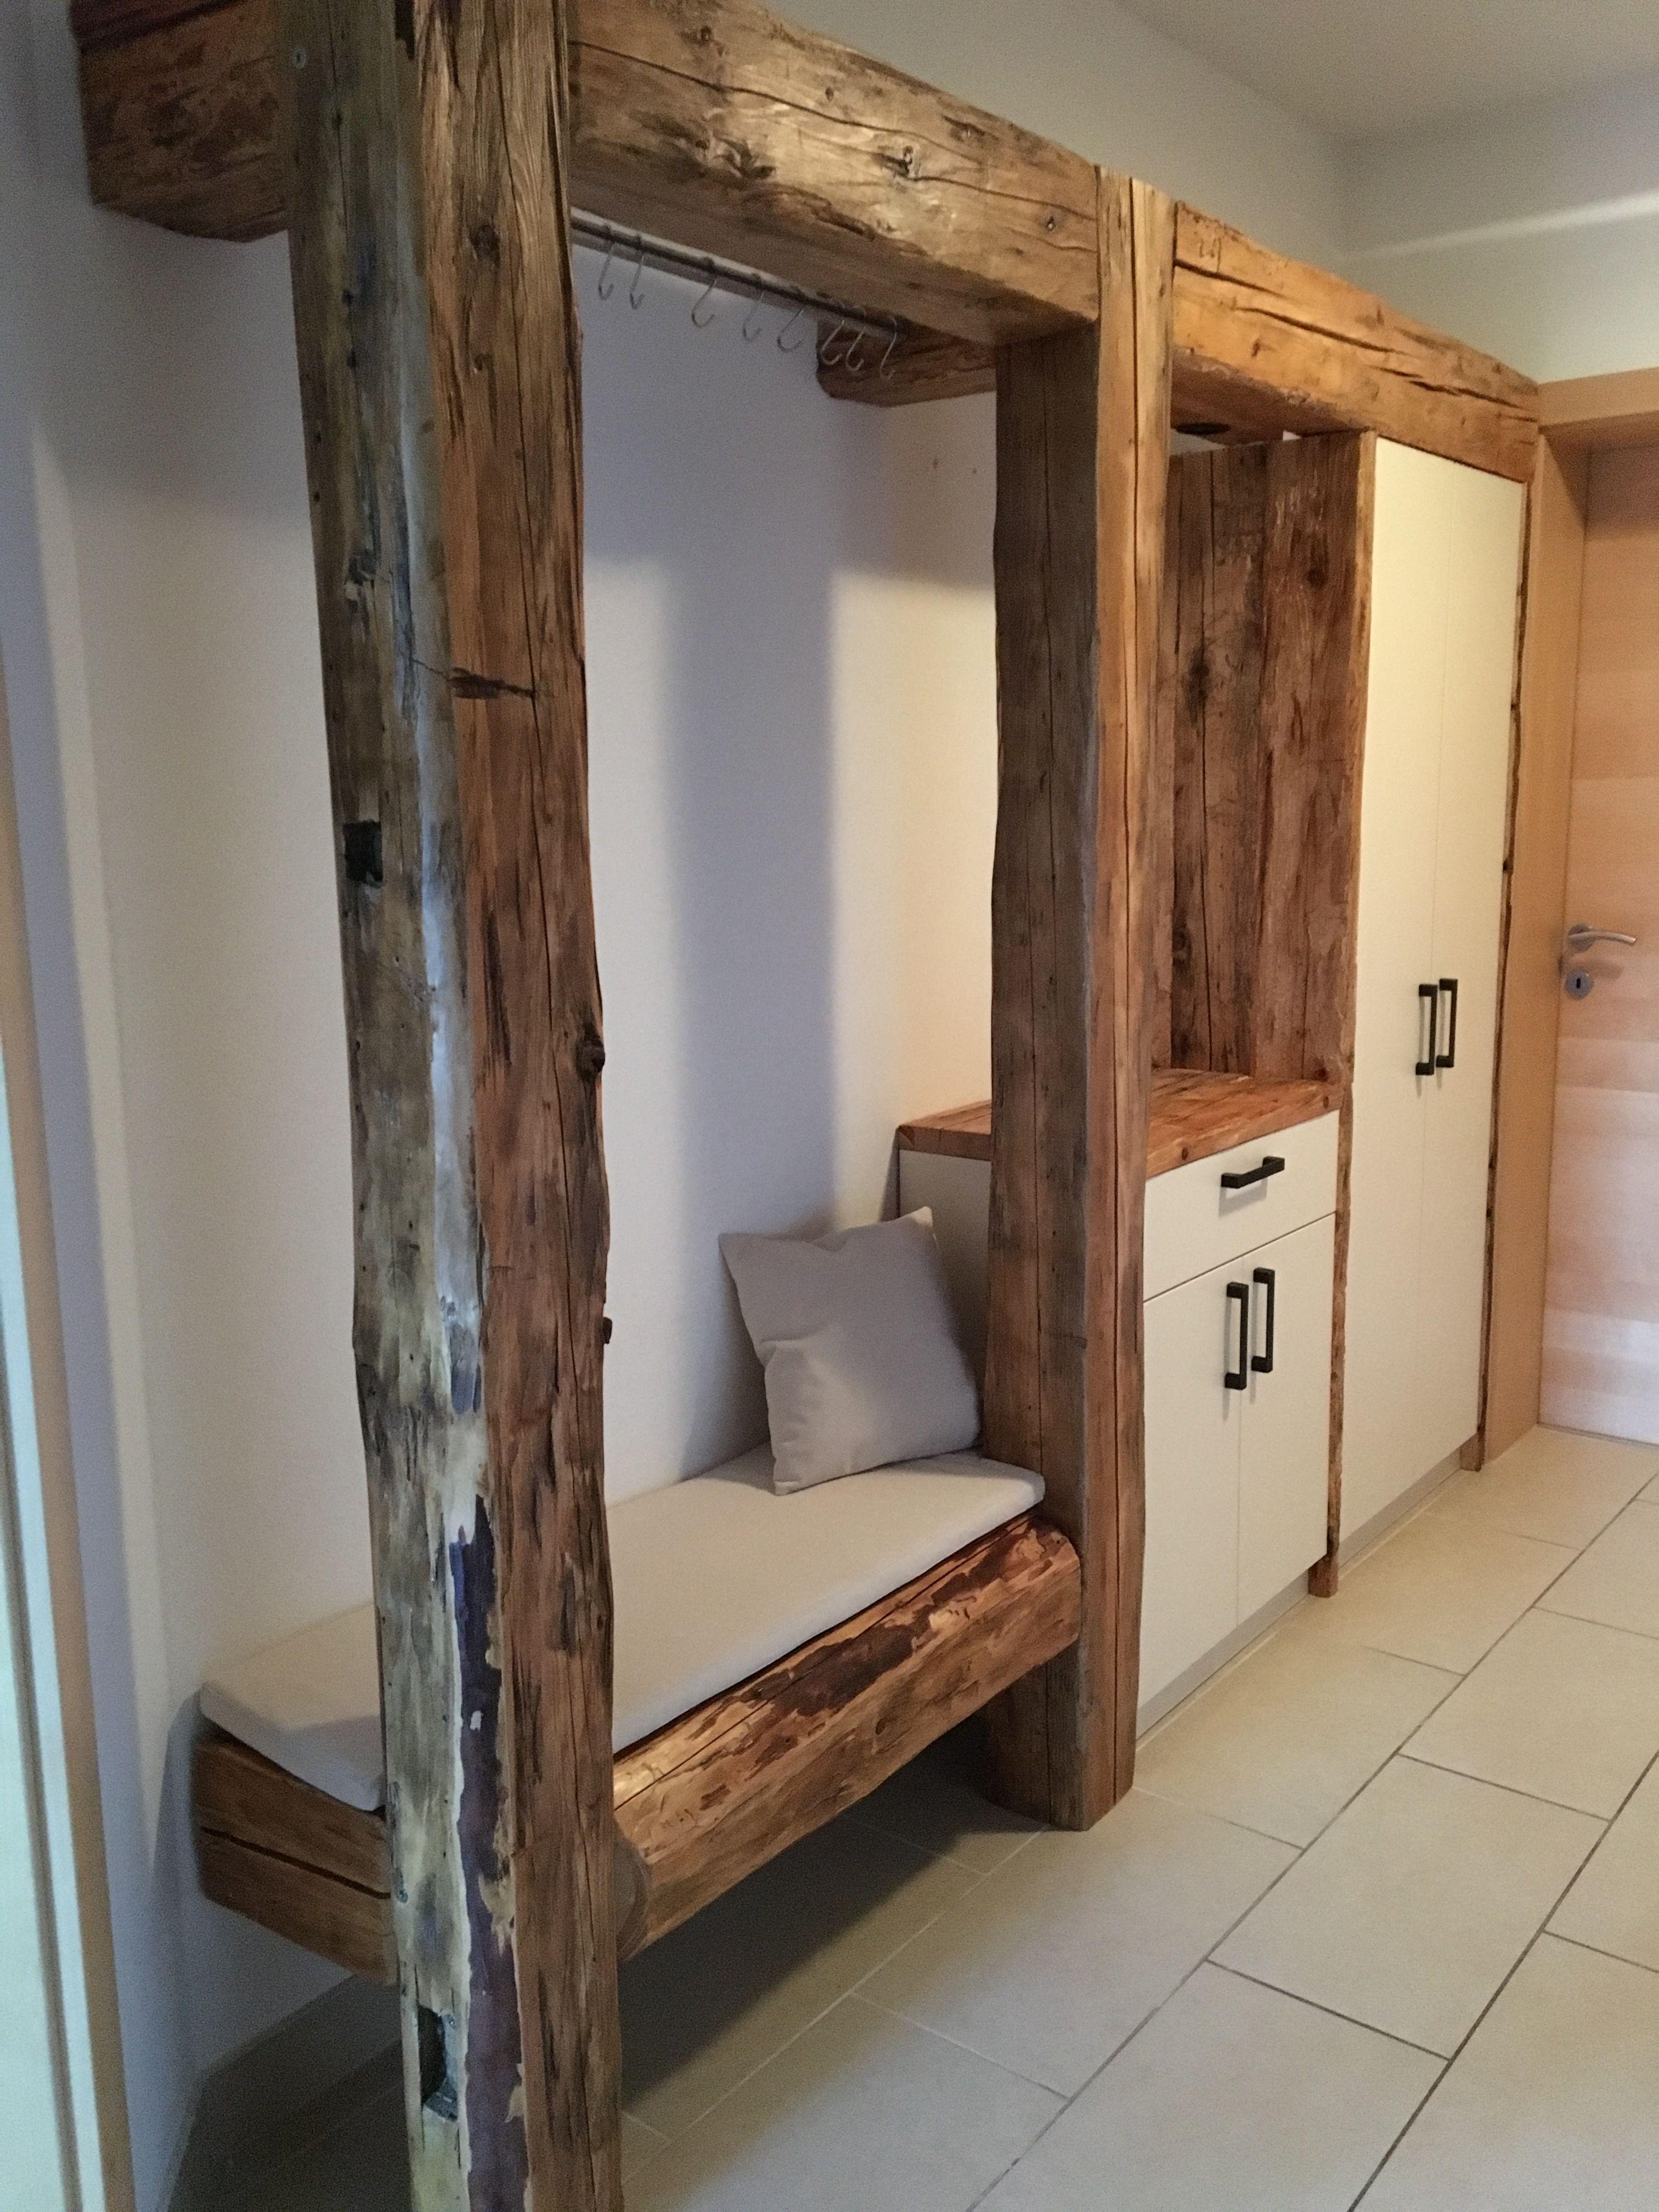 garderobe aus altholz handarbeit in kombination mit cremefarben perfekt f r den vorraum. Black Bedroom Furniture Sets. Home Design Ideas